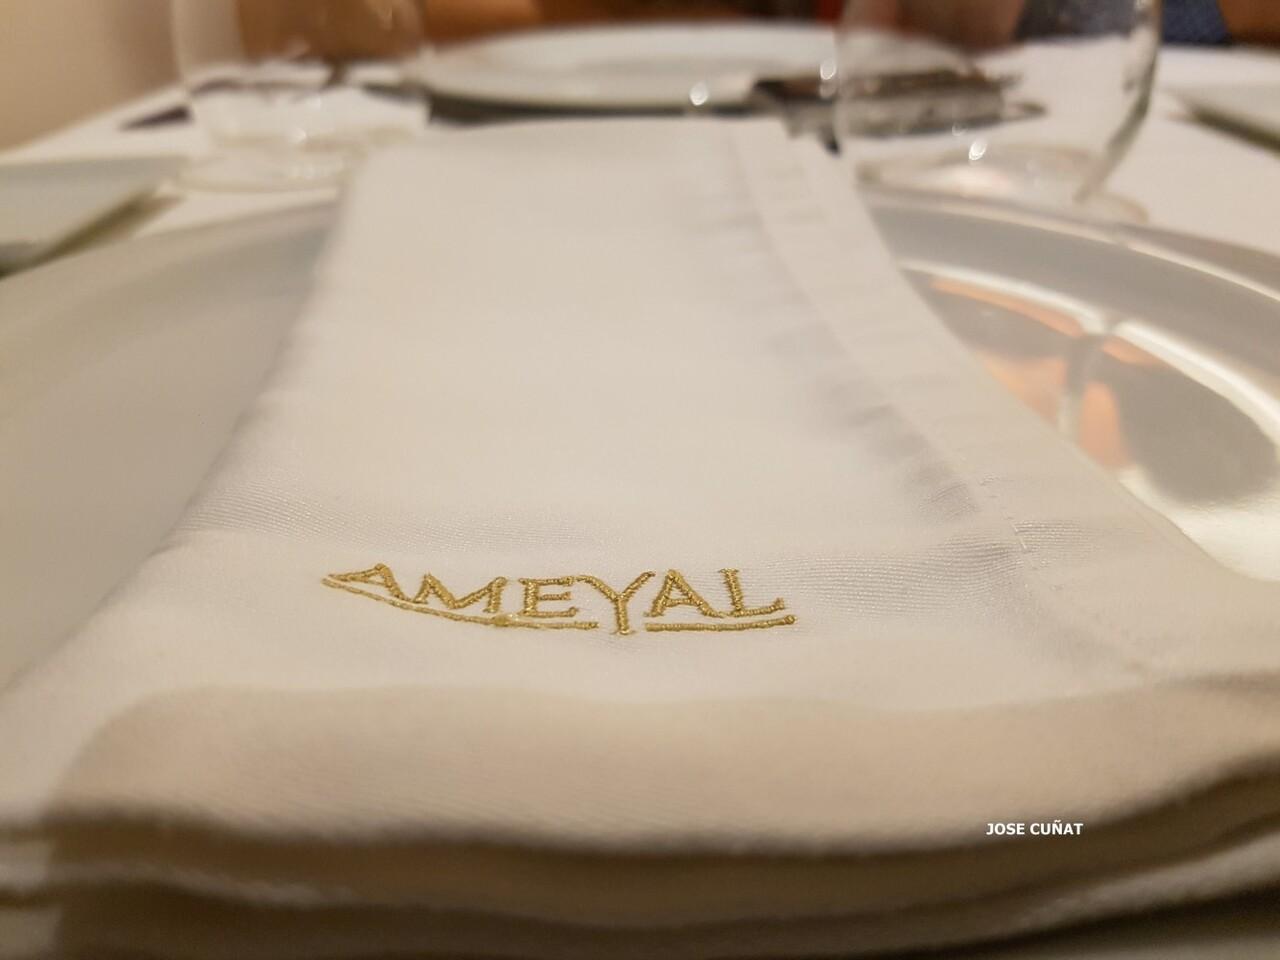 ameyal-restaurante-de-alta-cocina-mexicana-atipico-en-valencia-20161110_213120-10